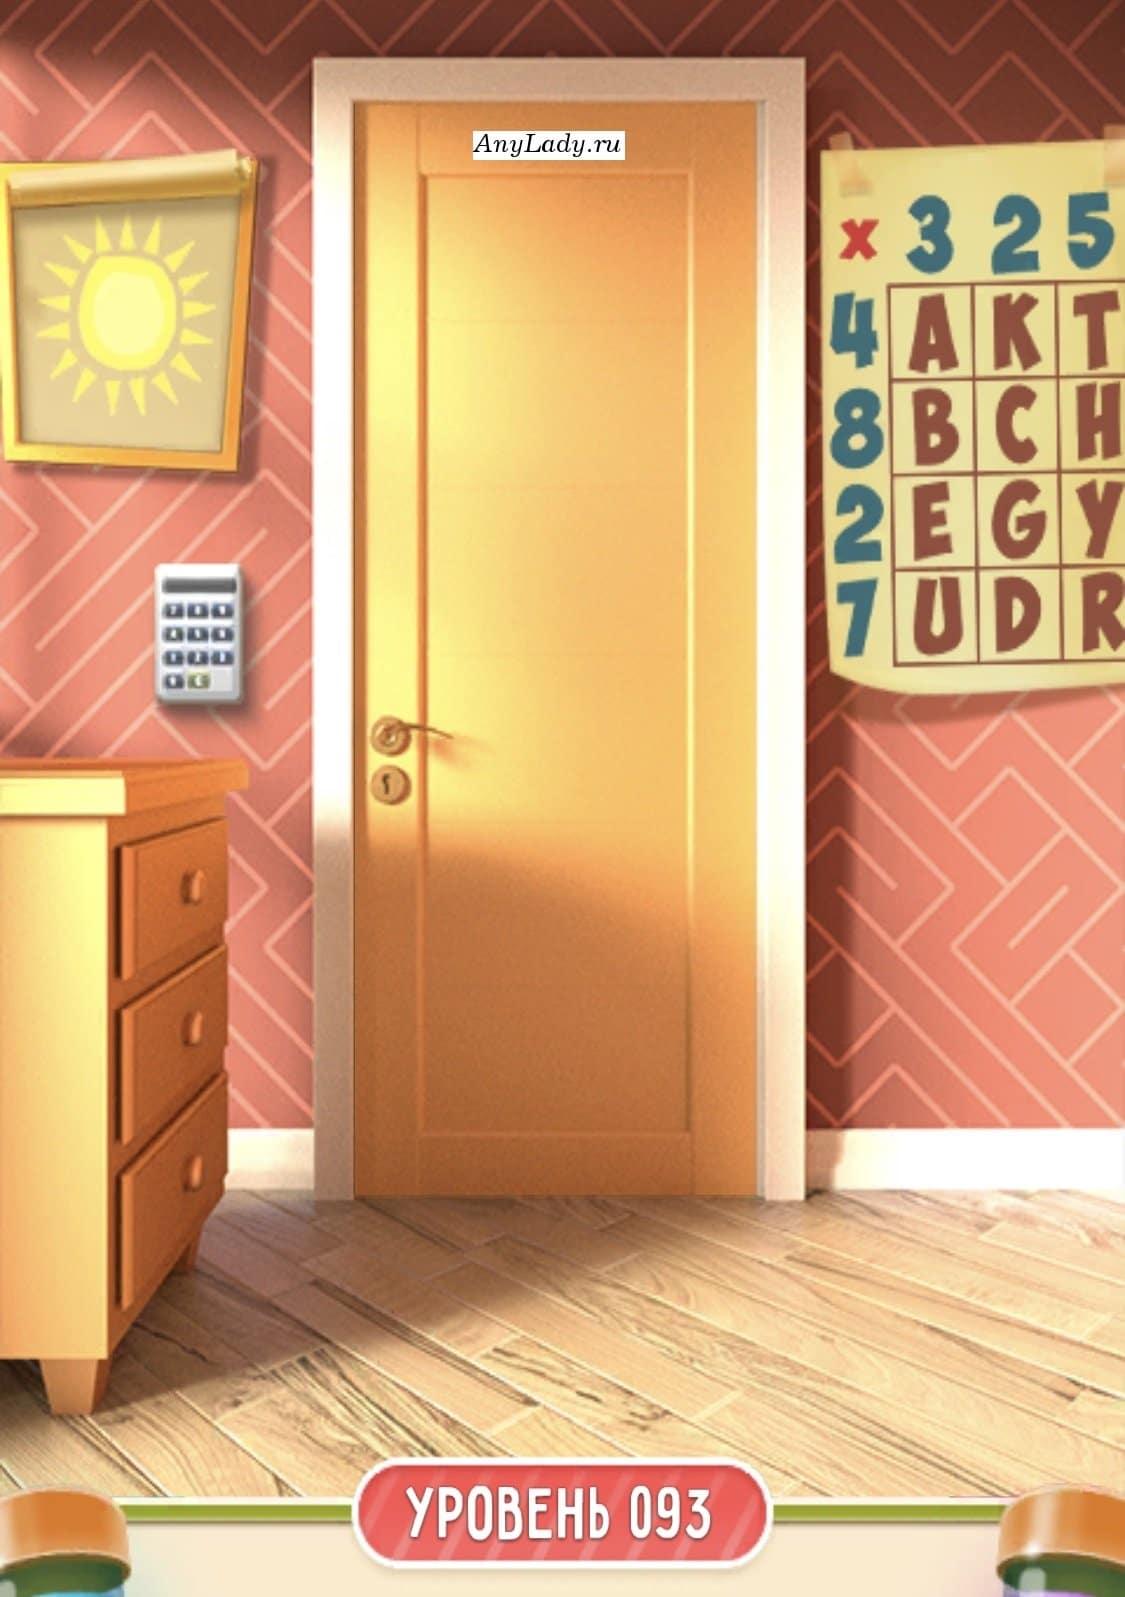 На картинке с солнцем закрутился вверх листок, смахните пальцем по листку вниз и откроется слово: KEY    Справа от двери график с буквами и числами, совместите буквы с картинки с цифрами, перемножив их.  Буква K = 8; E = 6; Y=10.